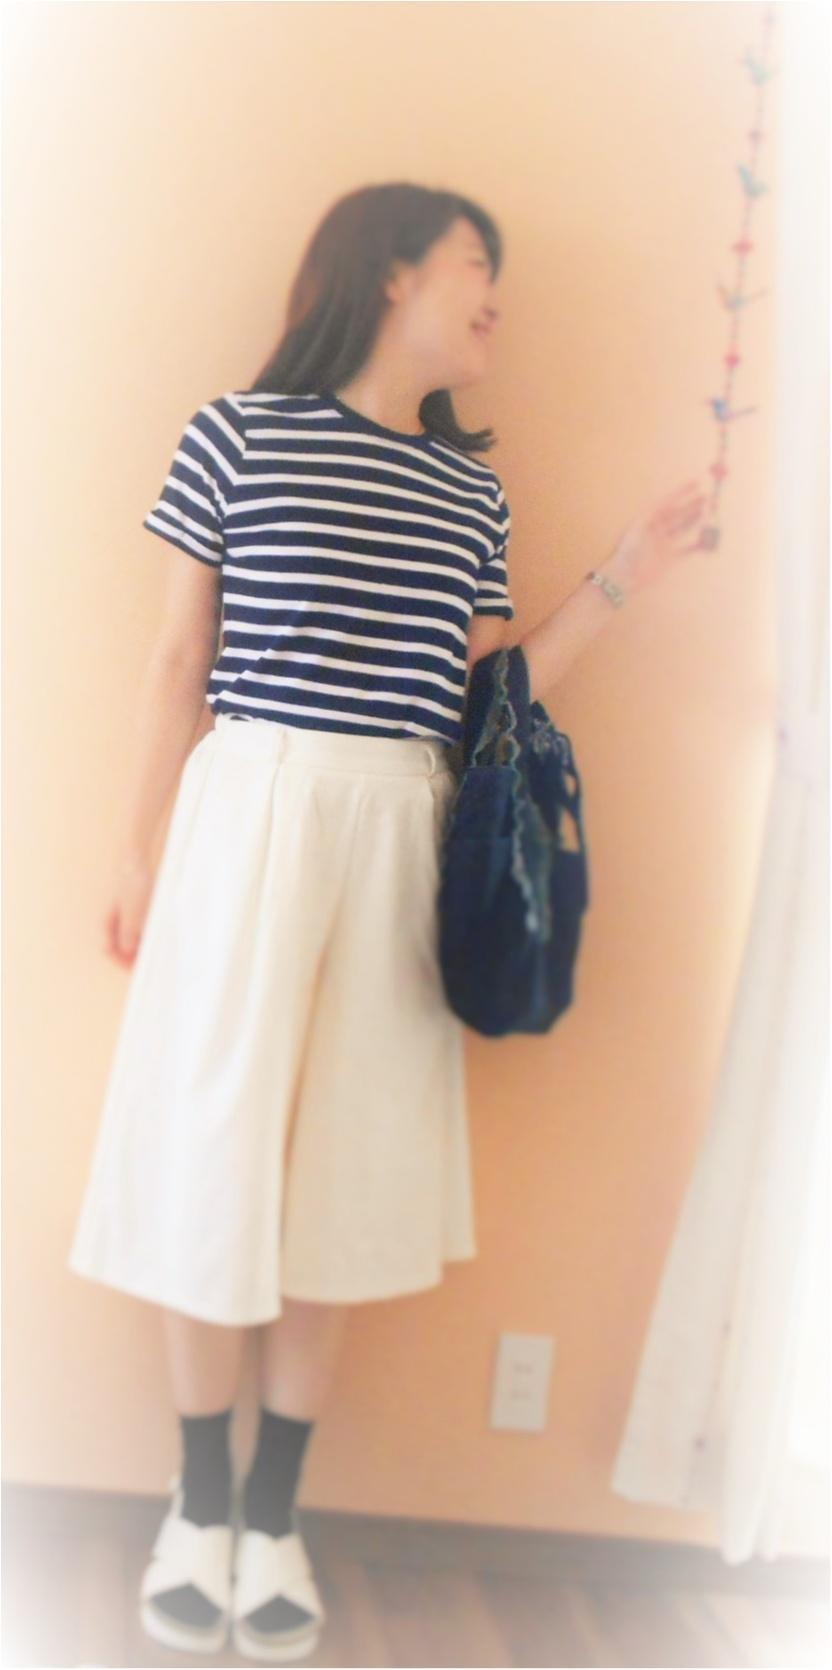 →【coordinate♡】1000円でお釣り!GUのTシャツ・ほんわかモノトーンコーデ☆彡① Myu2._4